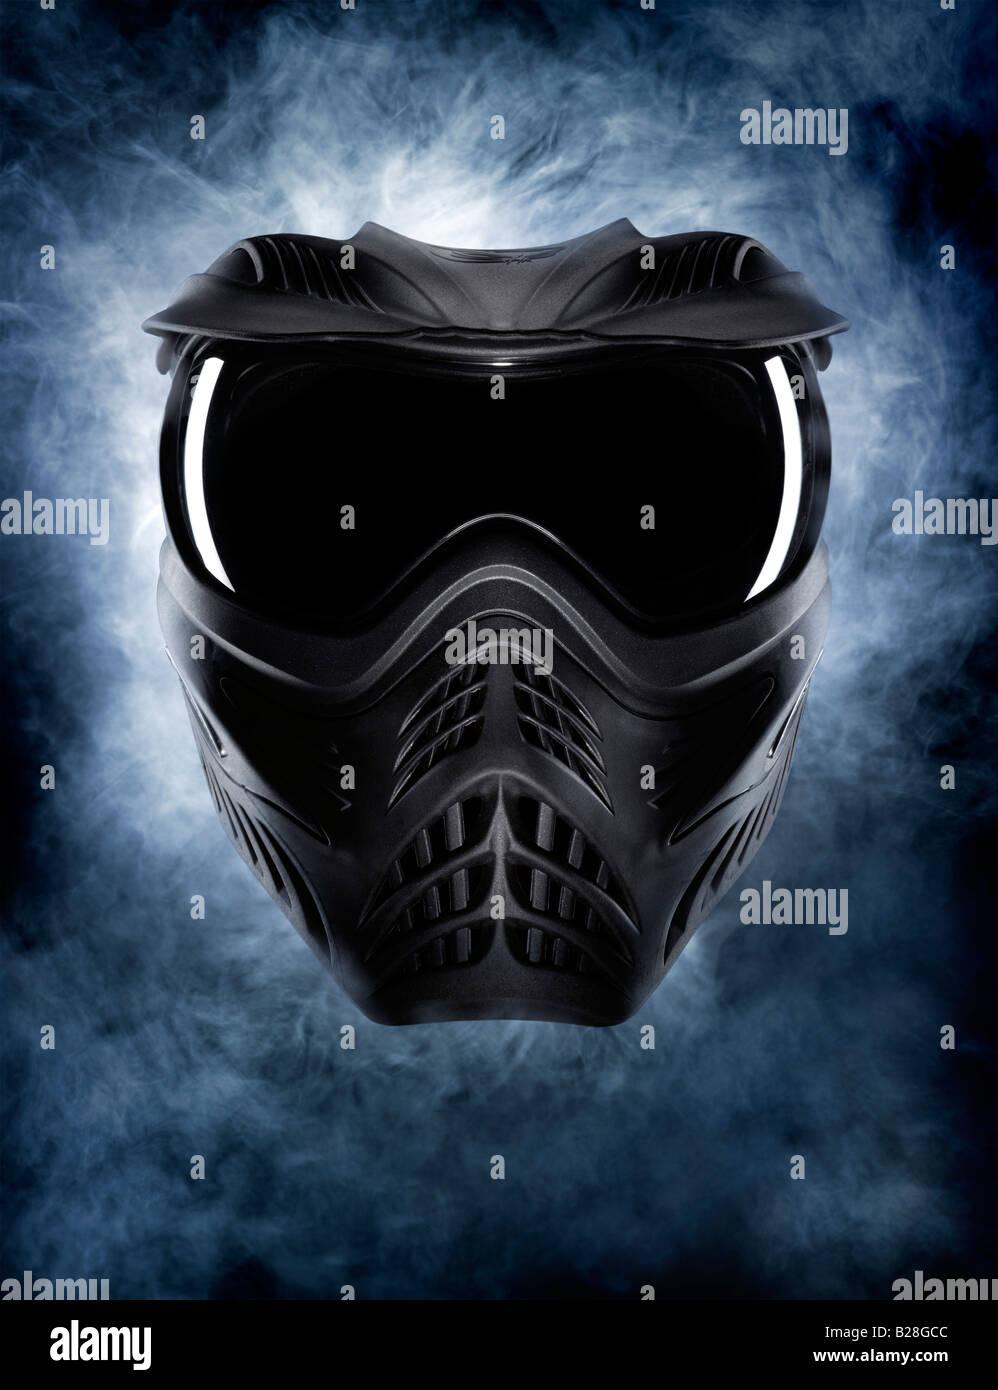 Una maschera minacciosa Immagini Stock